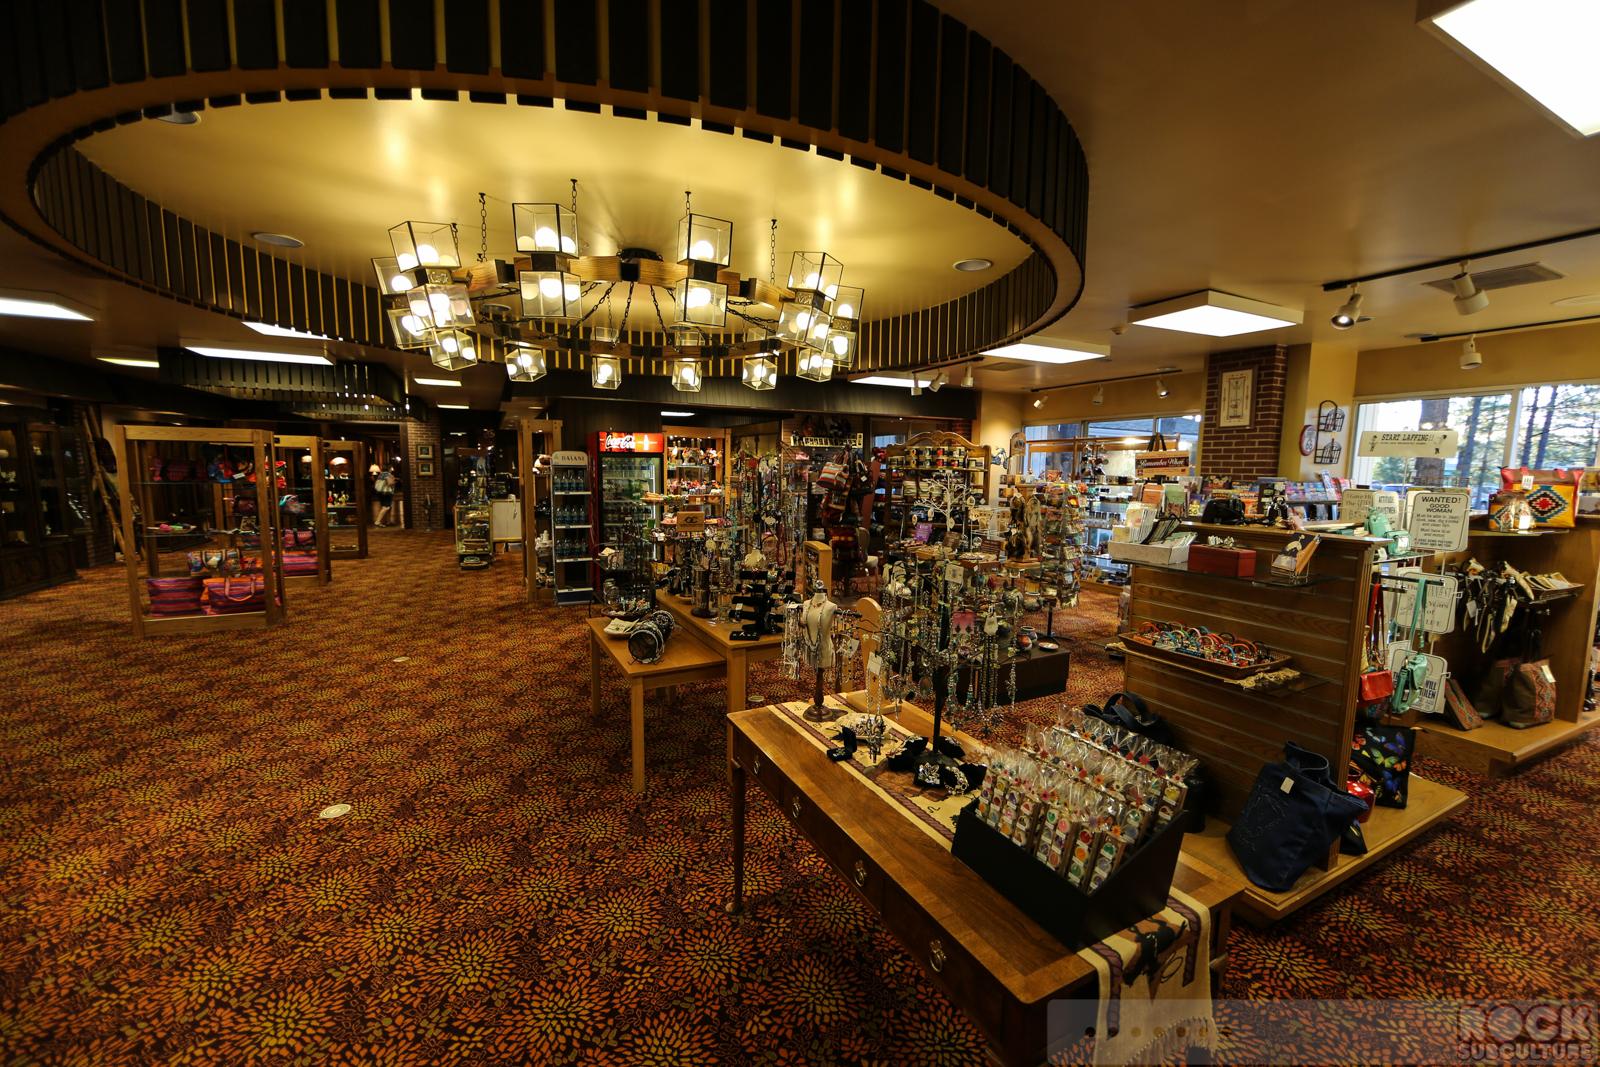 Flagstaff casino